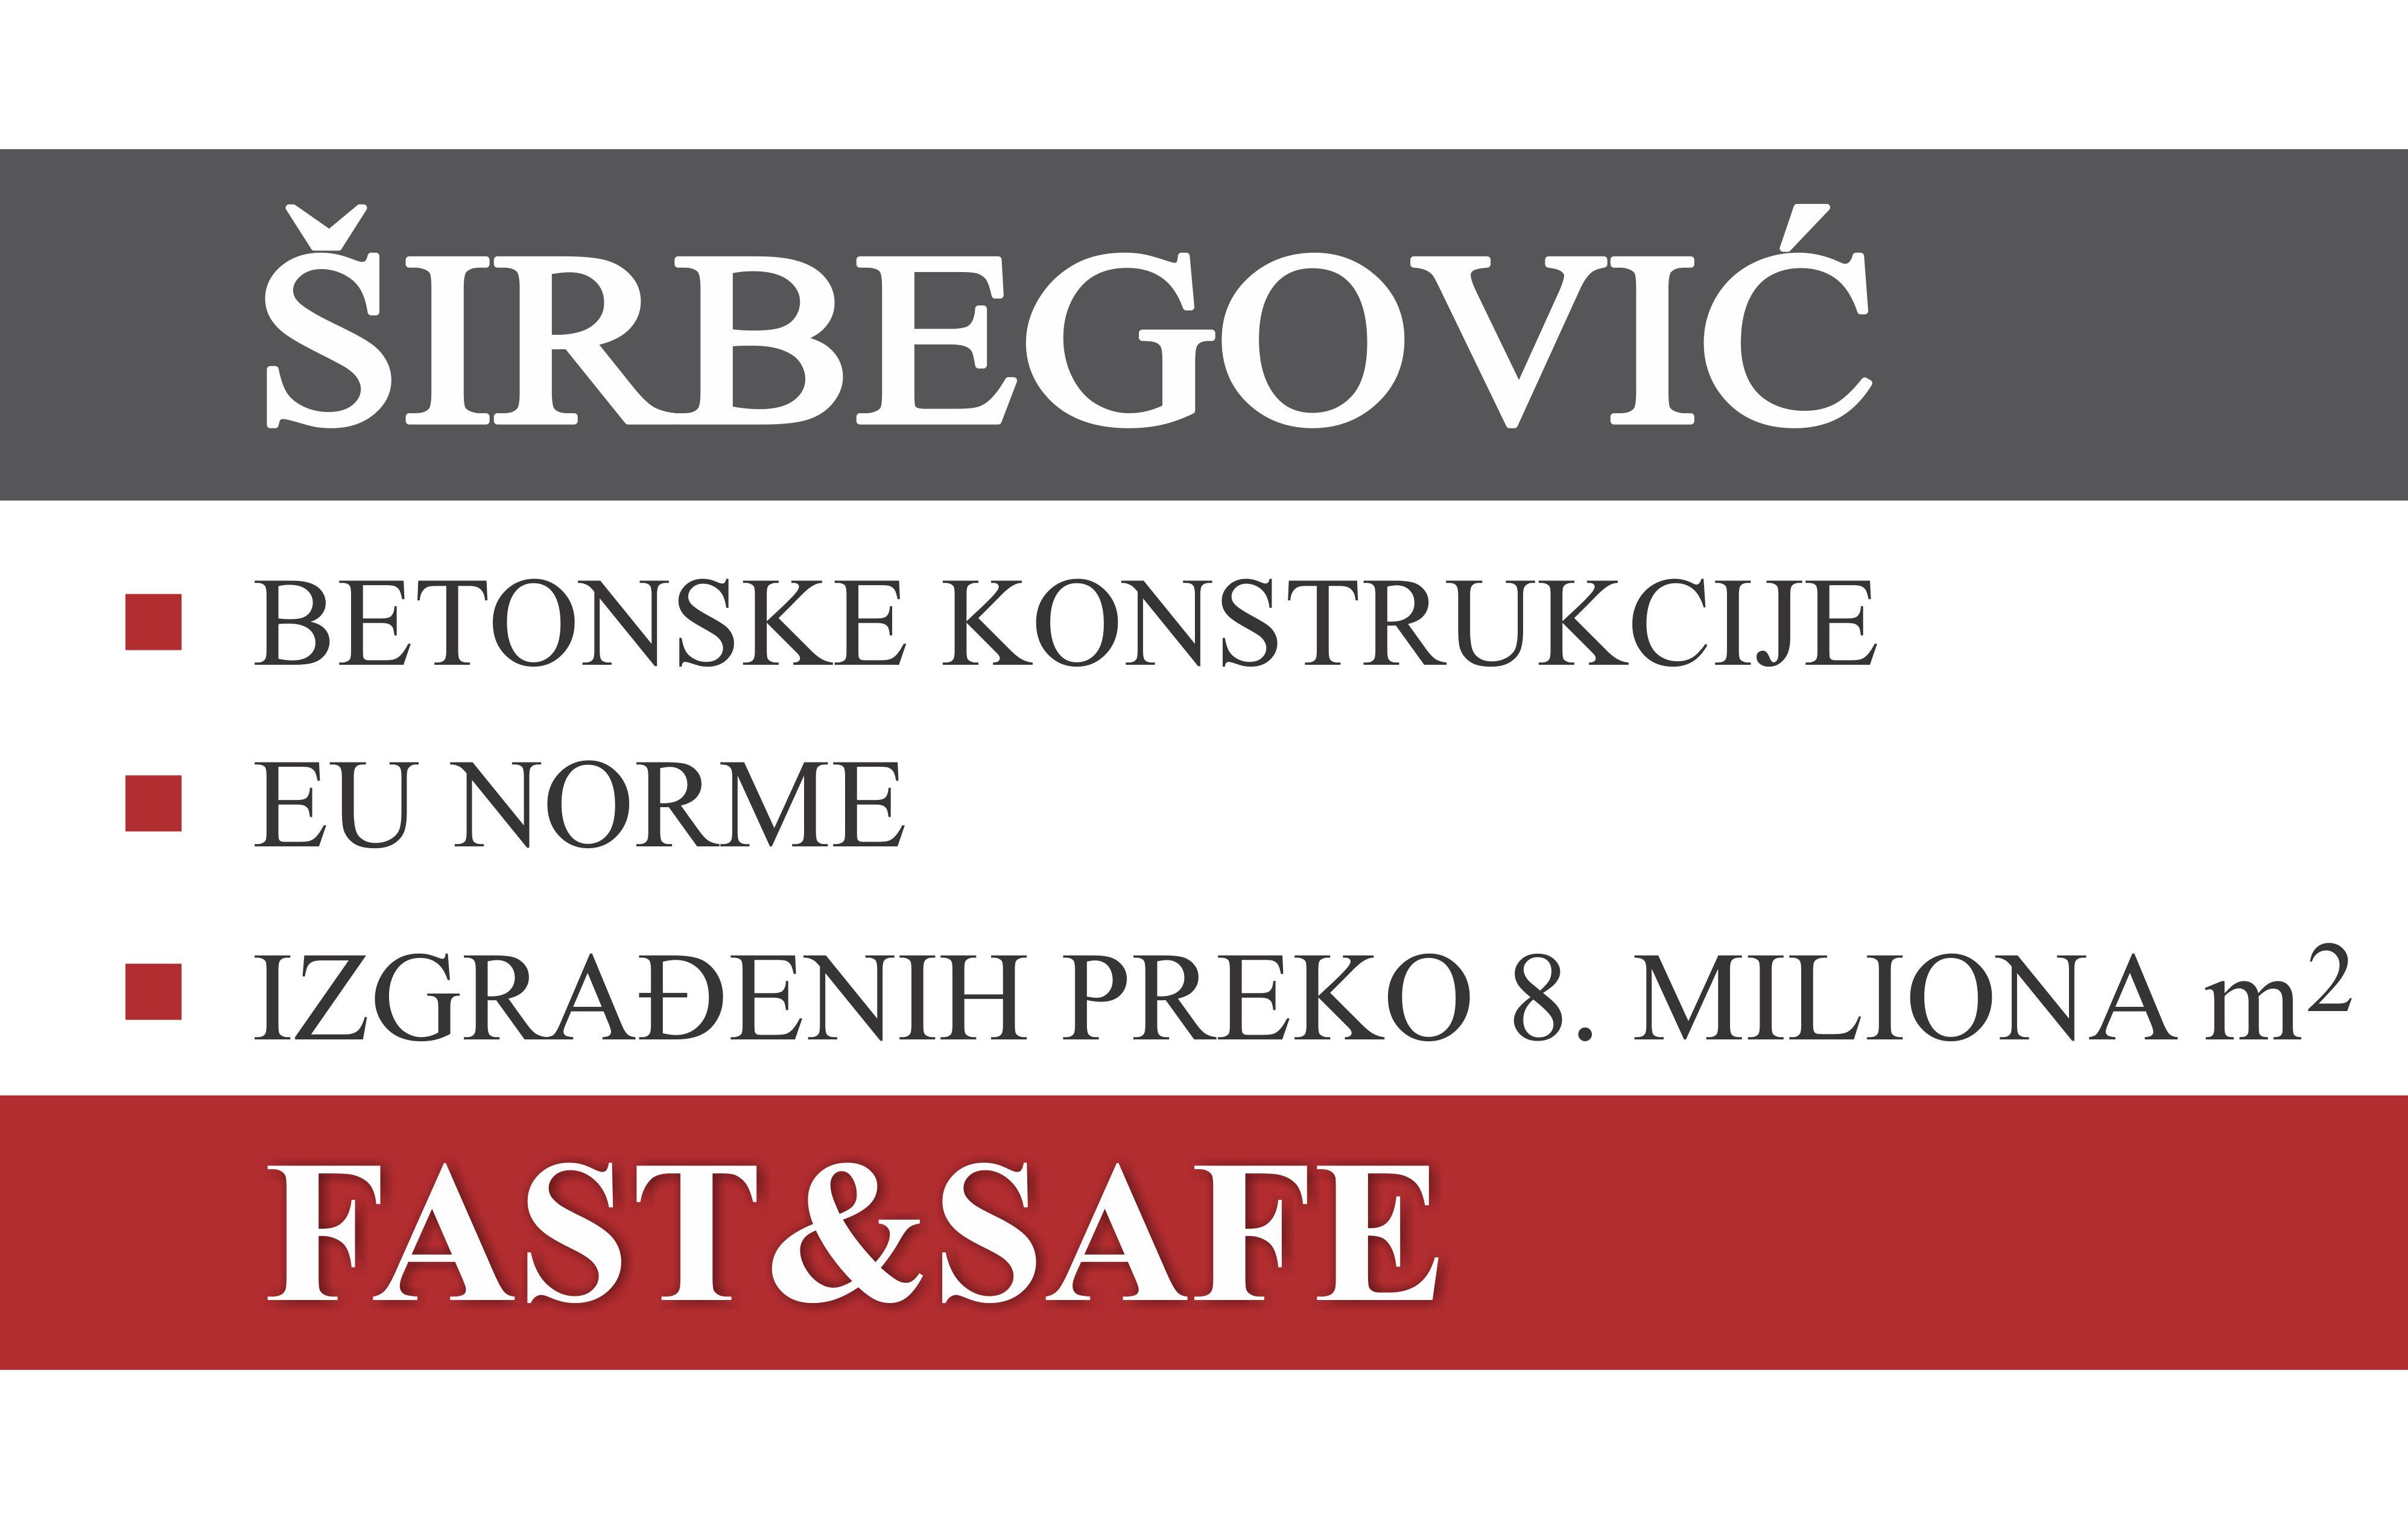 Širbegović za prvih deset mjeseci 2017. ostvario povećanje prihoda od 52 %